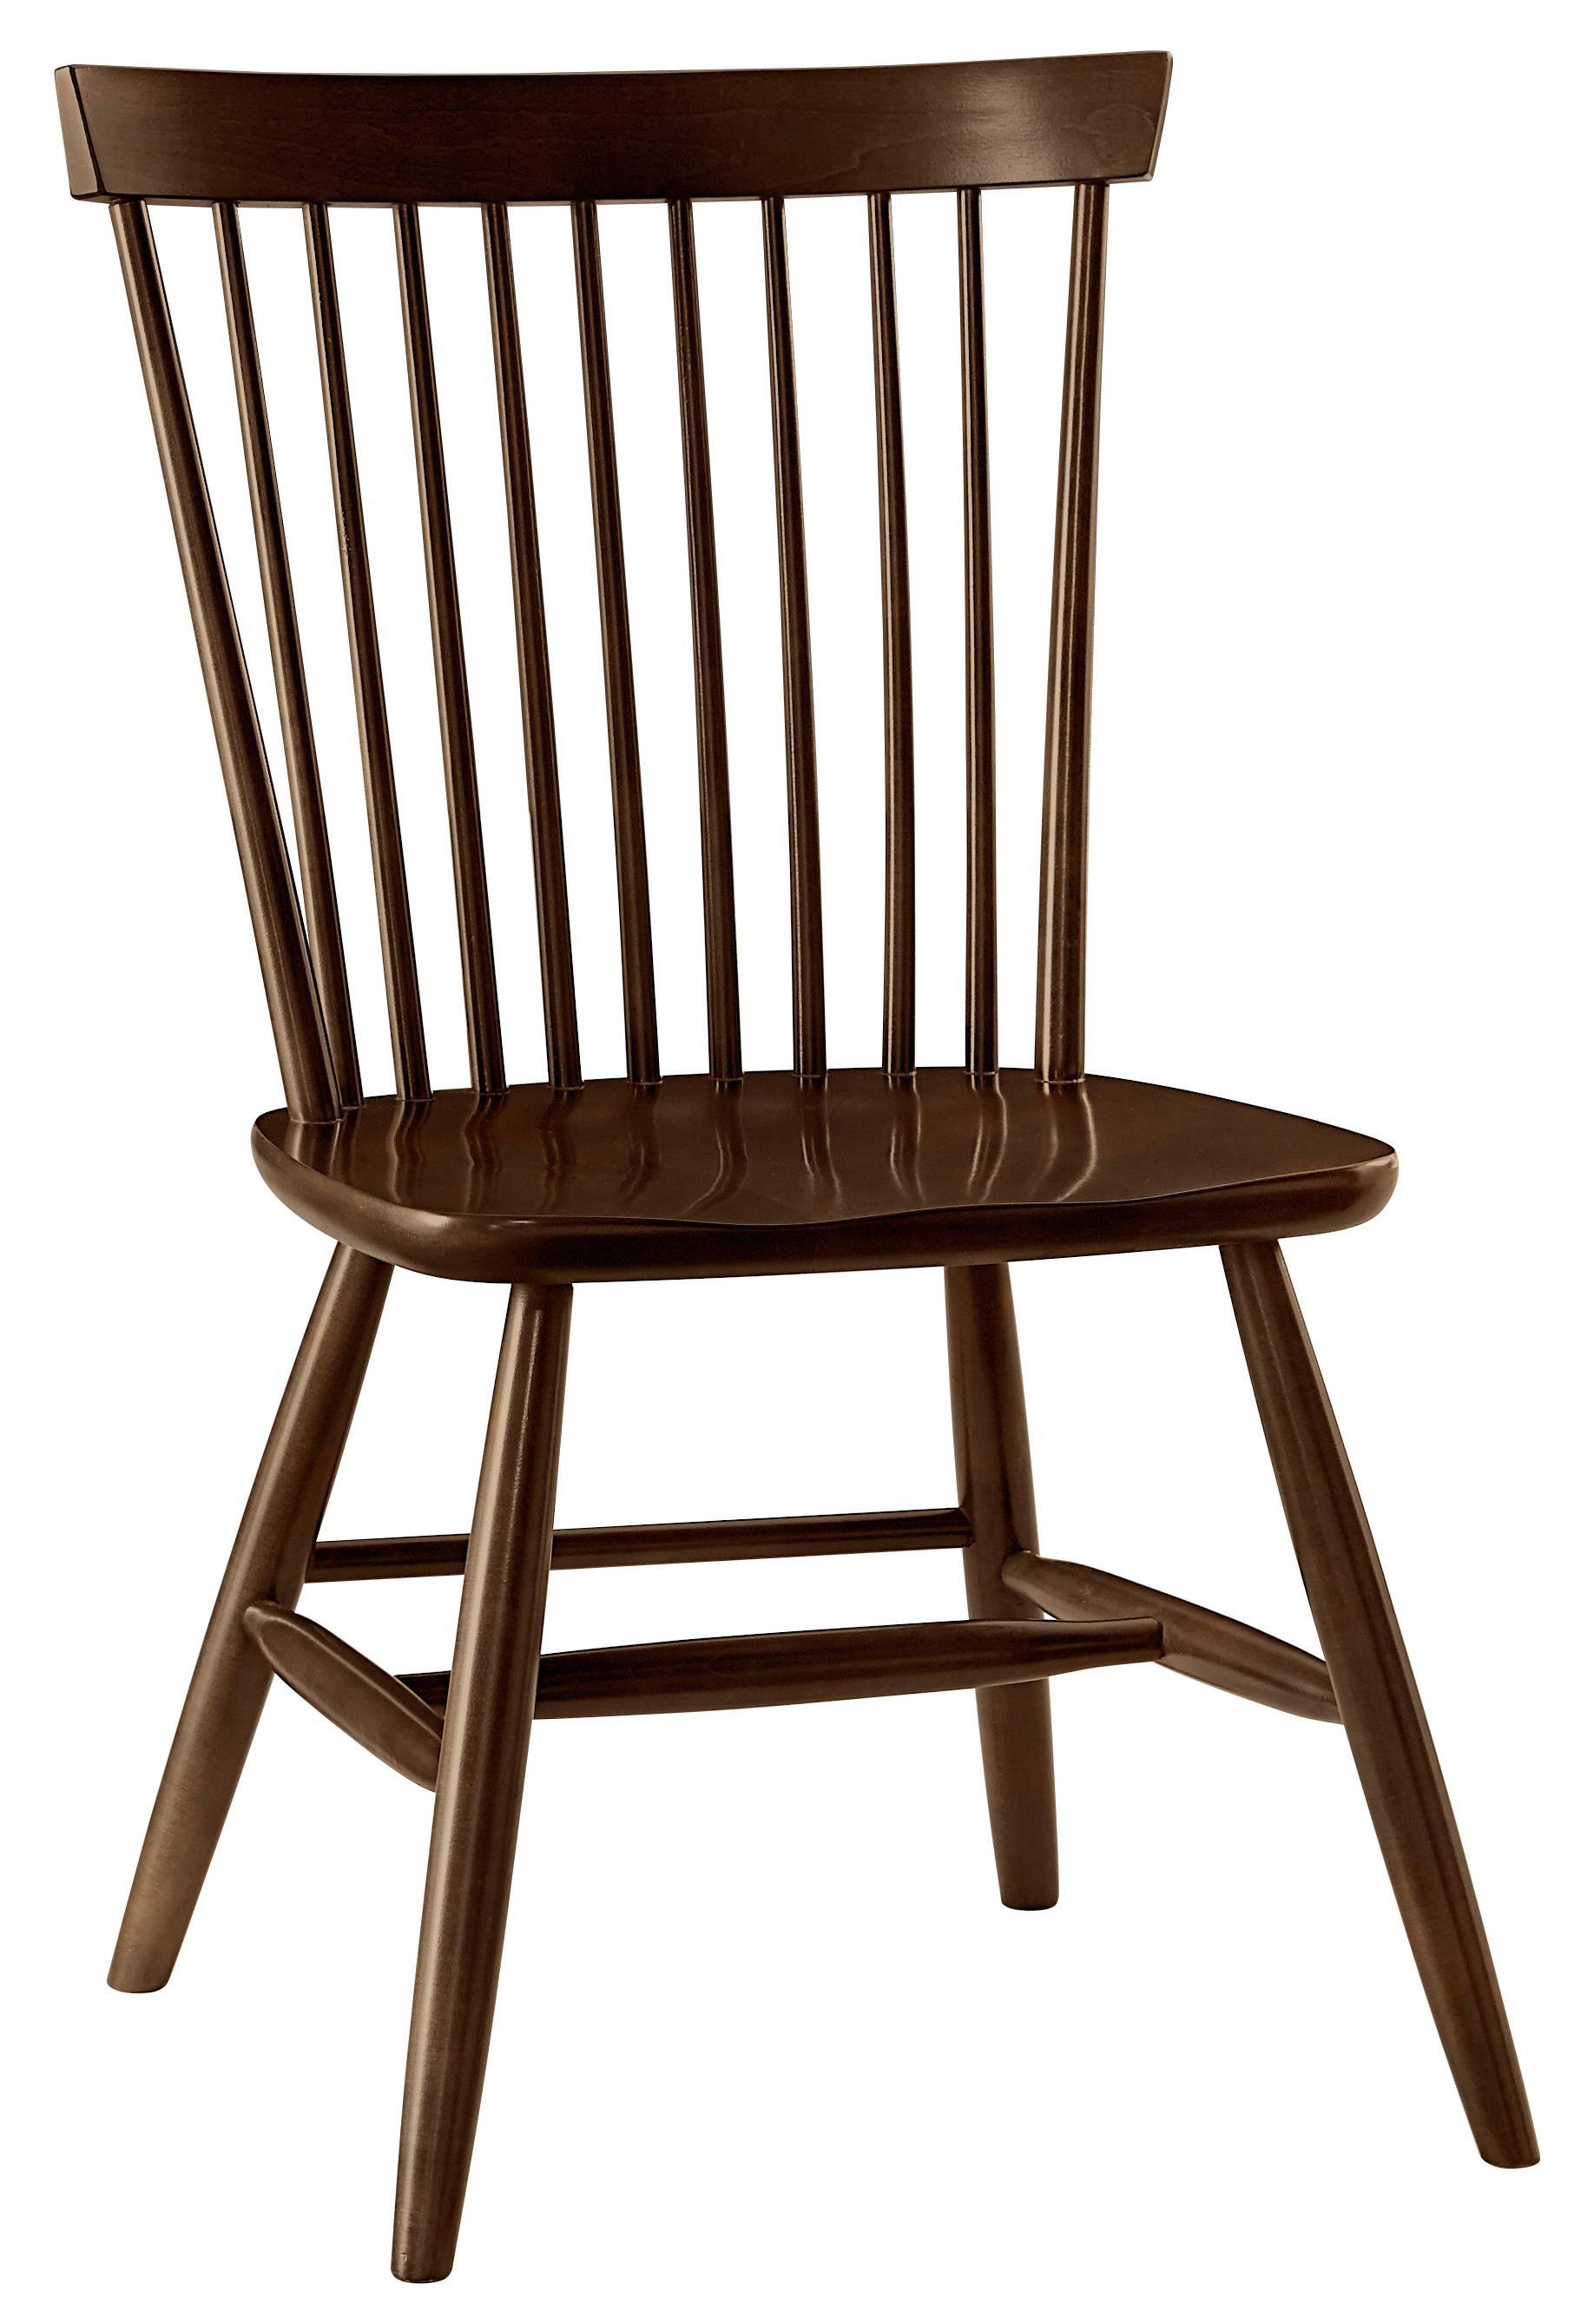 Vaughan Bassett French Market Desk Chair - Item Number: 382-007